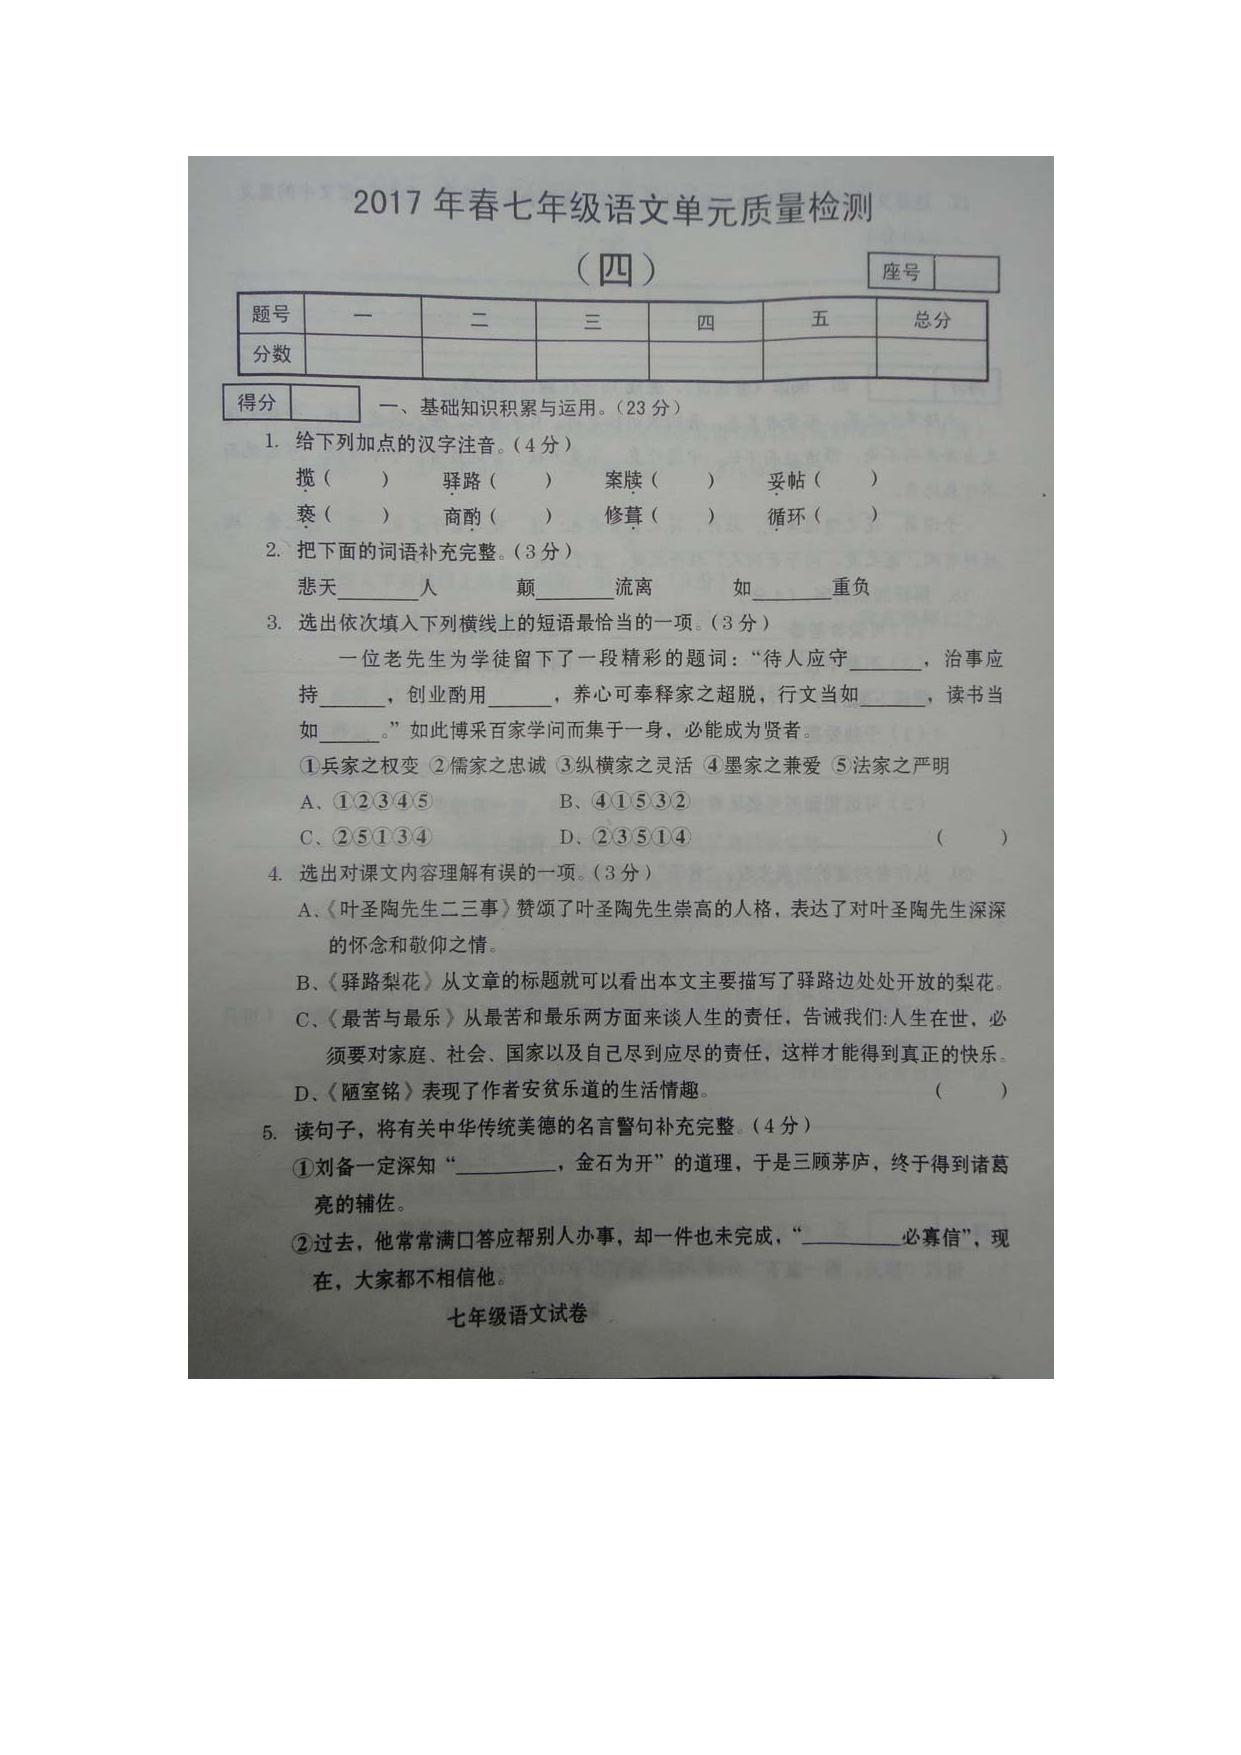 河南柘城实验中学2017年春人教版七年级下语文质量检测第四单元试题(图片版)